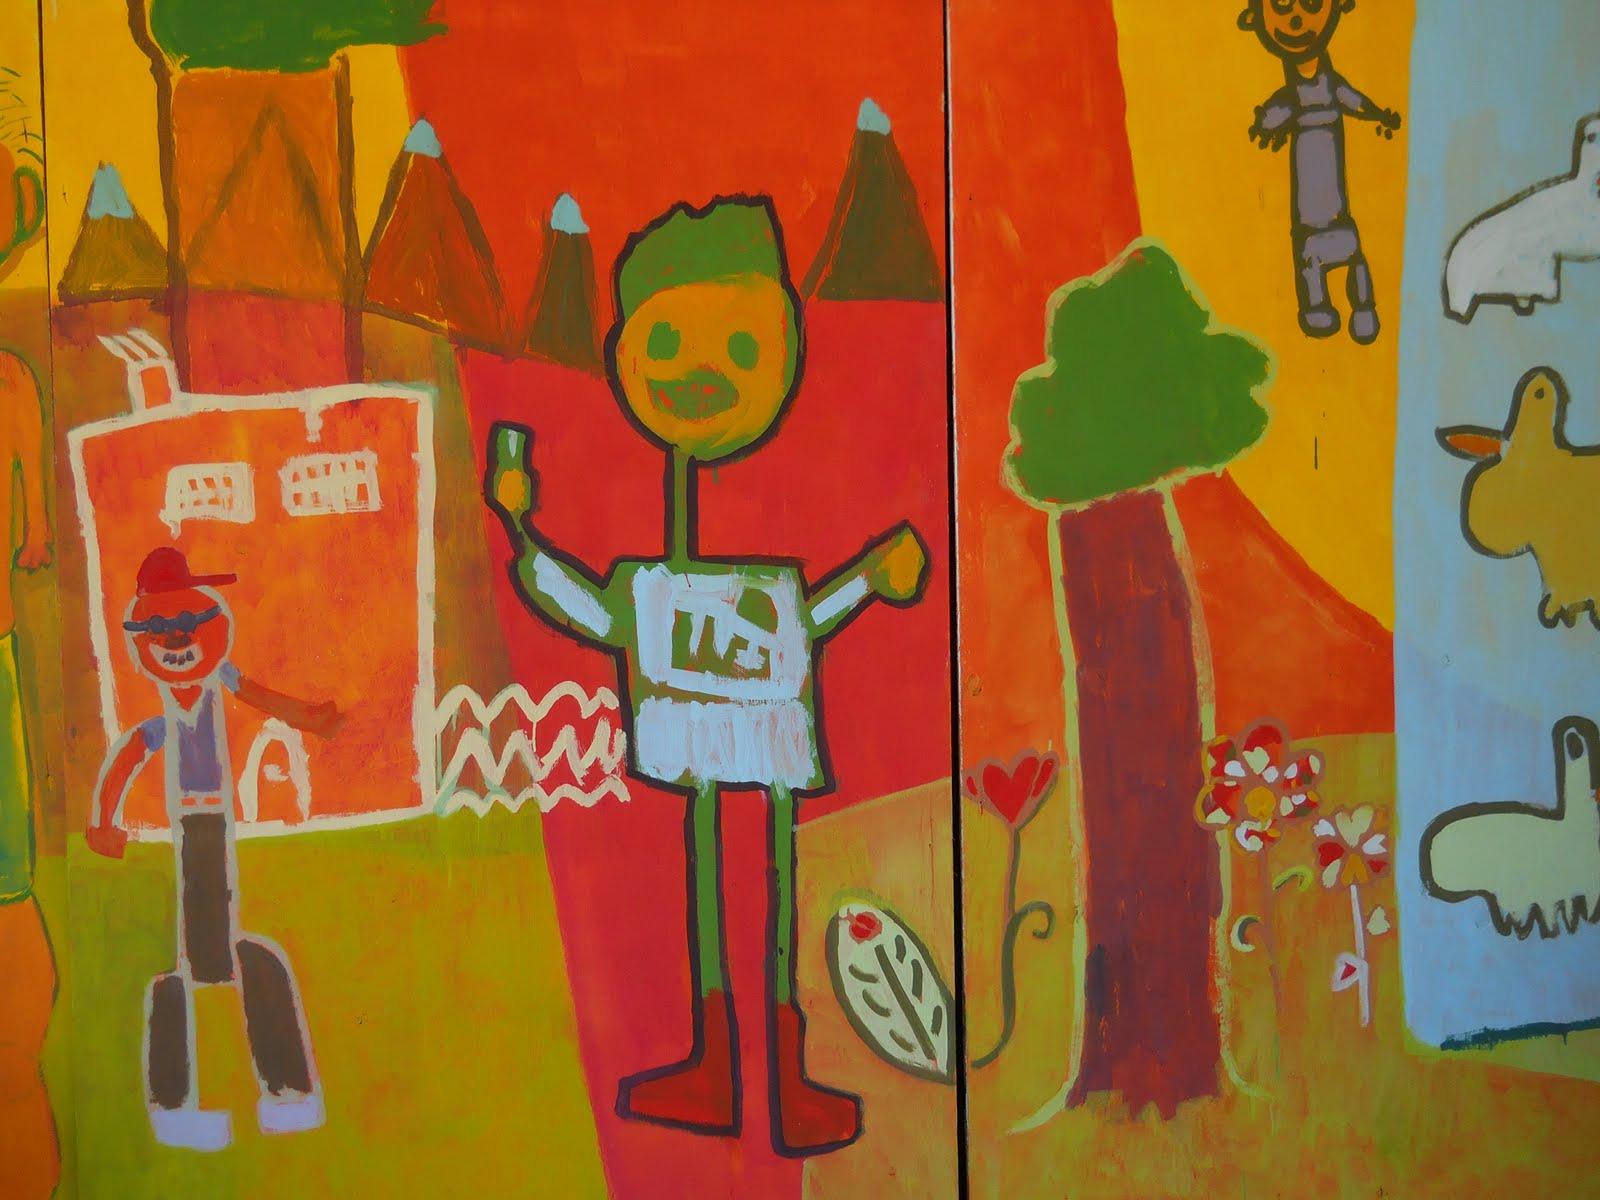 Taller de muralismo con ni os murales realizados con ni os en el primer encuentro de arte - Murales para ninos ...